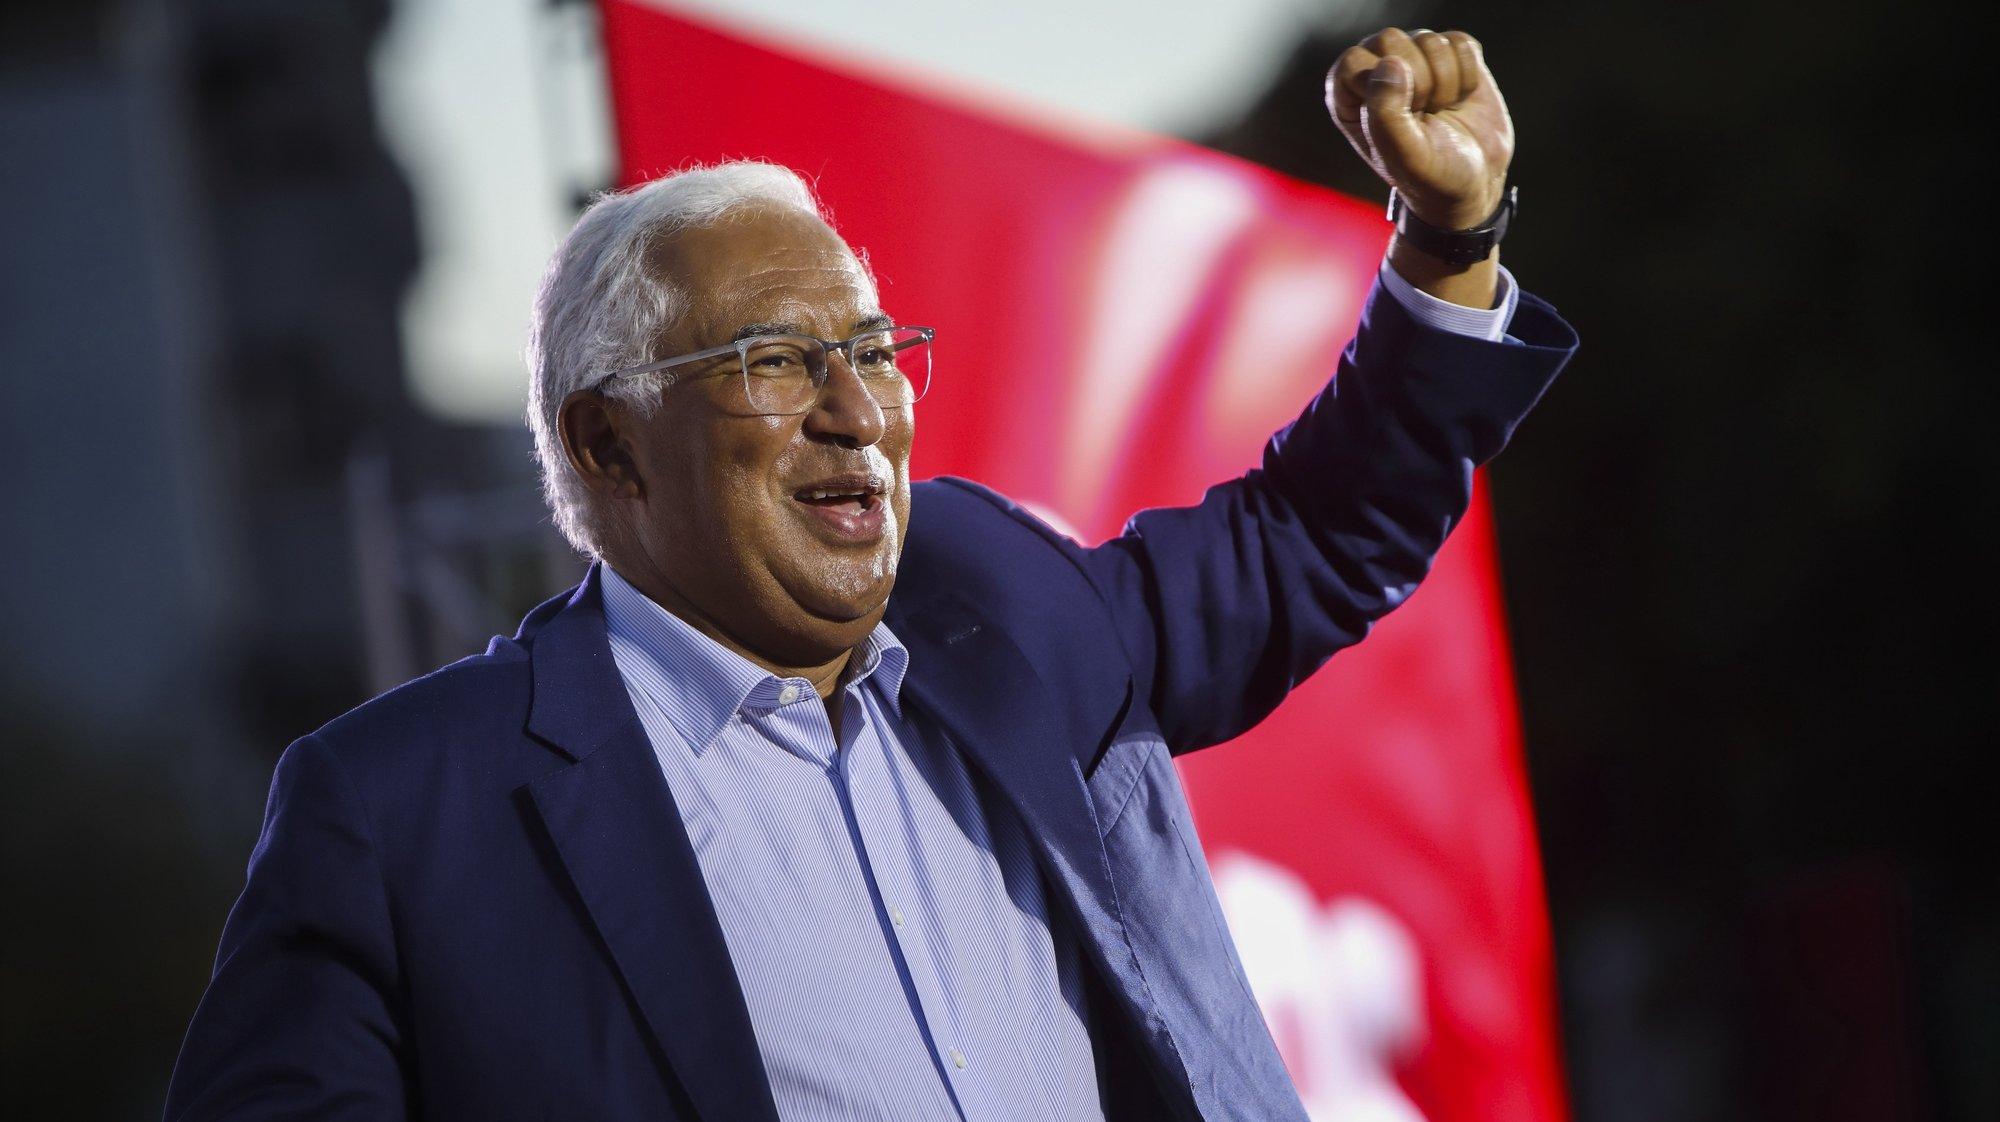 O secretário-geral do Partido Socialista (PS), António Costa, durante um comício em Castelo Branco, 22 de setembro de 2021. No próximo dia 26 de setembro mais de 9,3 milhões eleitores podem votar nas eleições autárquicas para eleger os seus representantes locais. PEDRO REIS MARTINS/LUSA